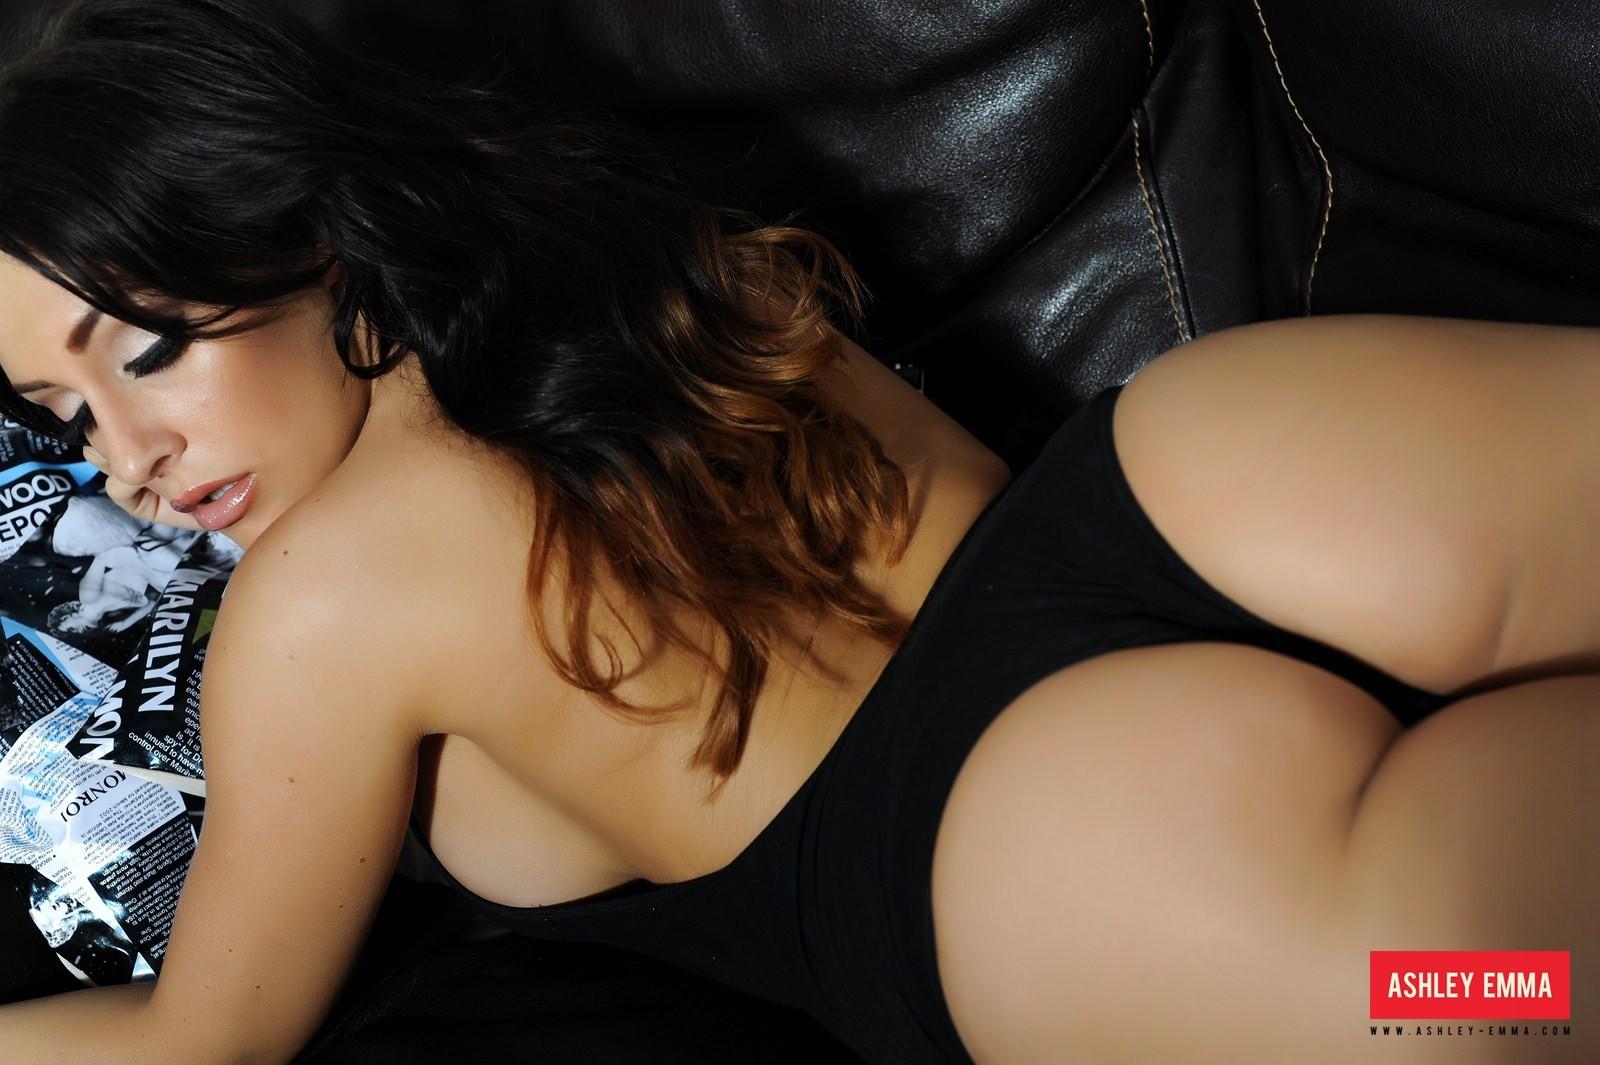 Ashley Emma Images